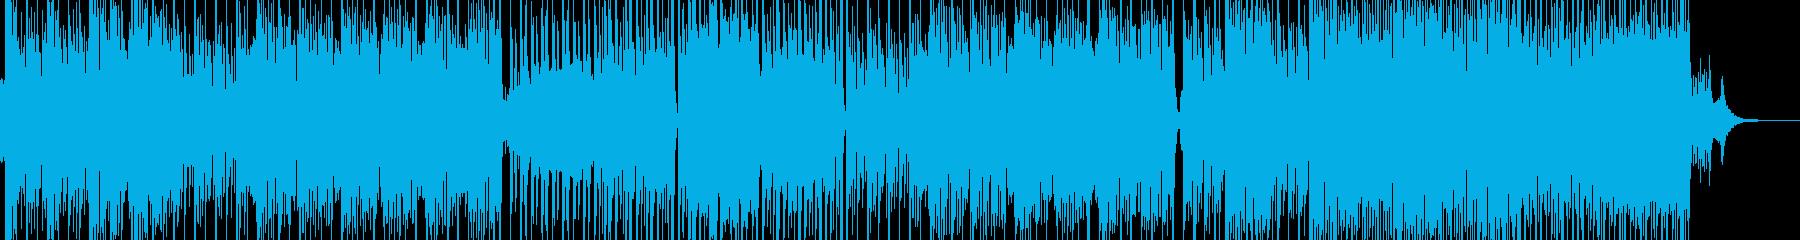 砂漠の雰囲気を演出 エスニックポップB2の再生済みの波形